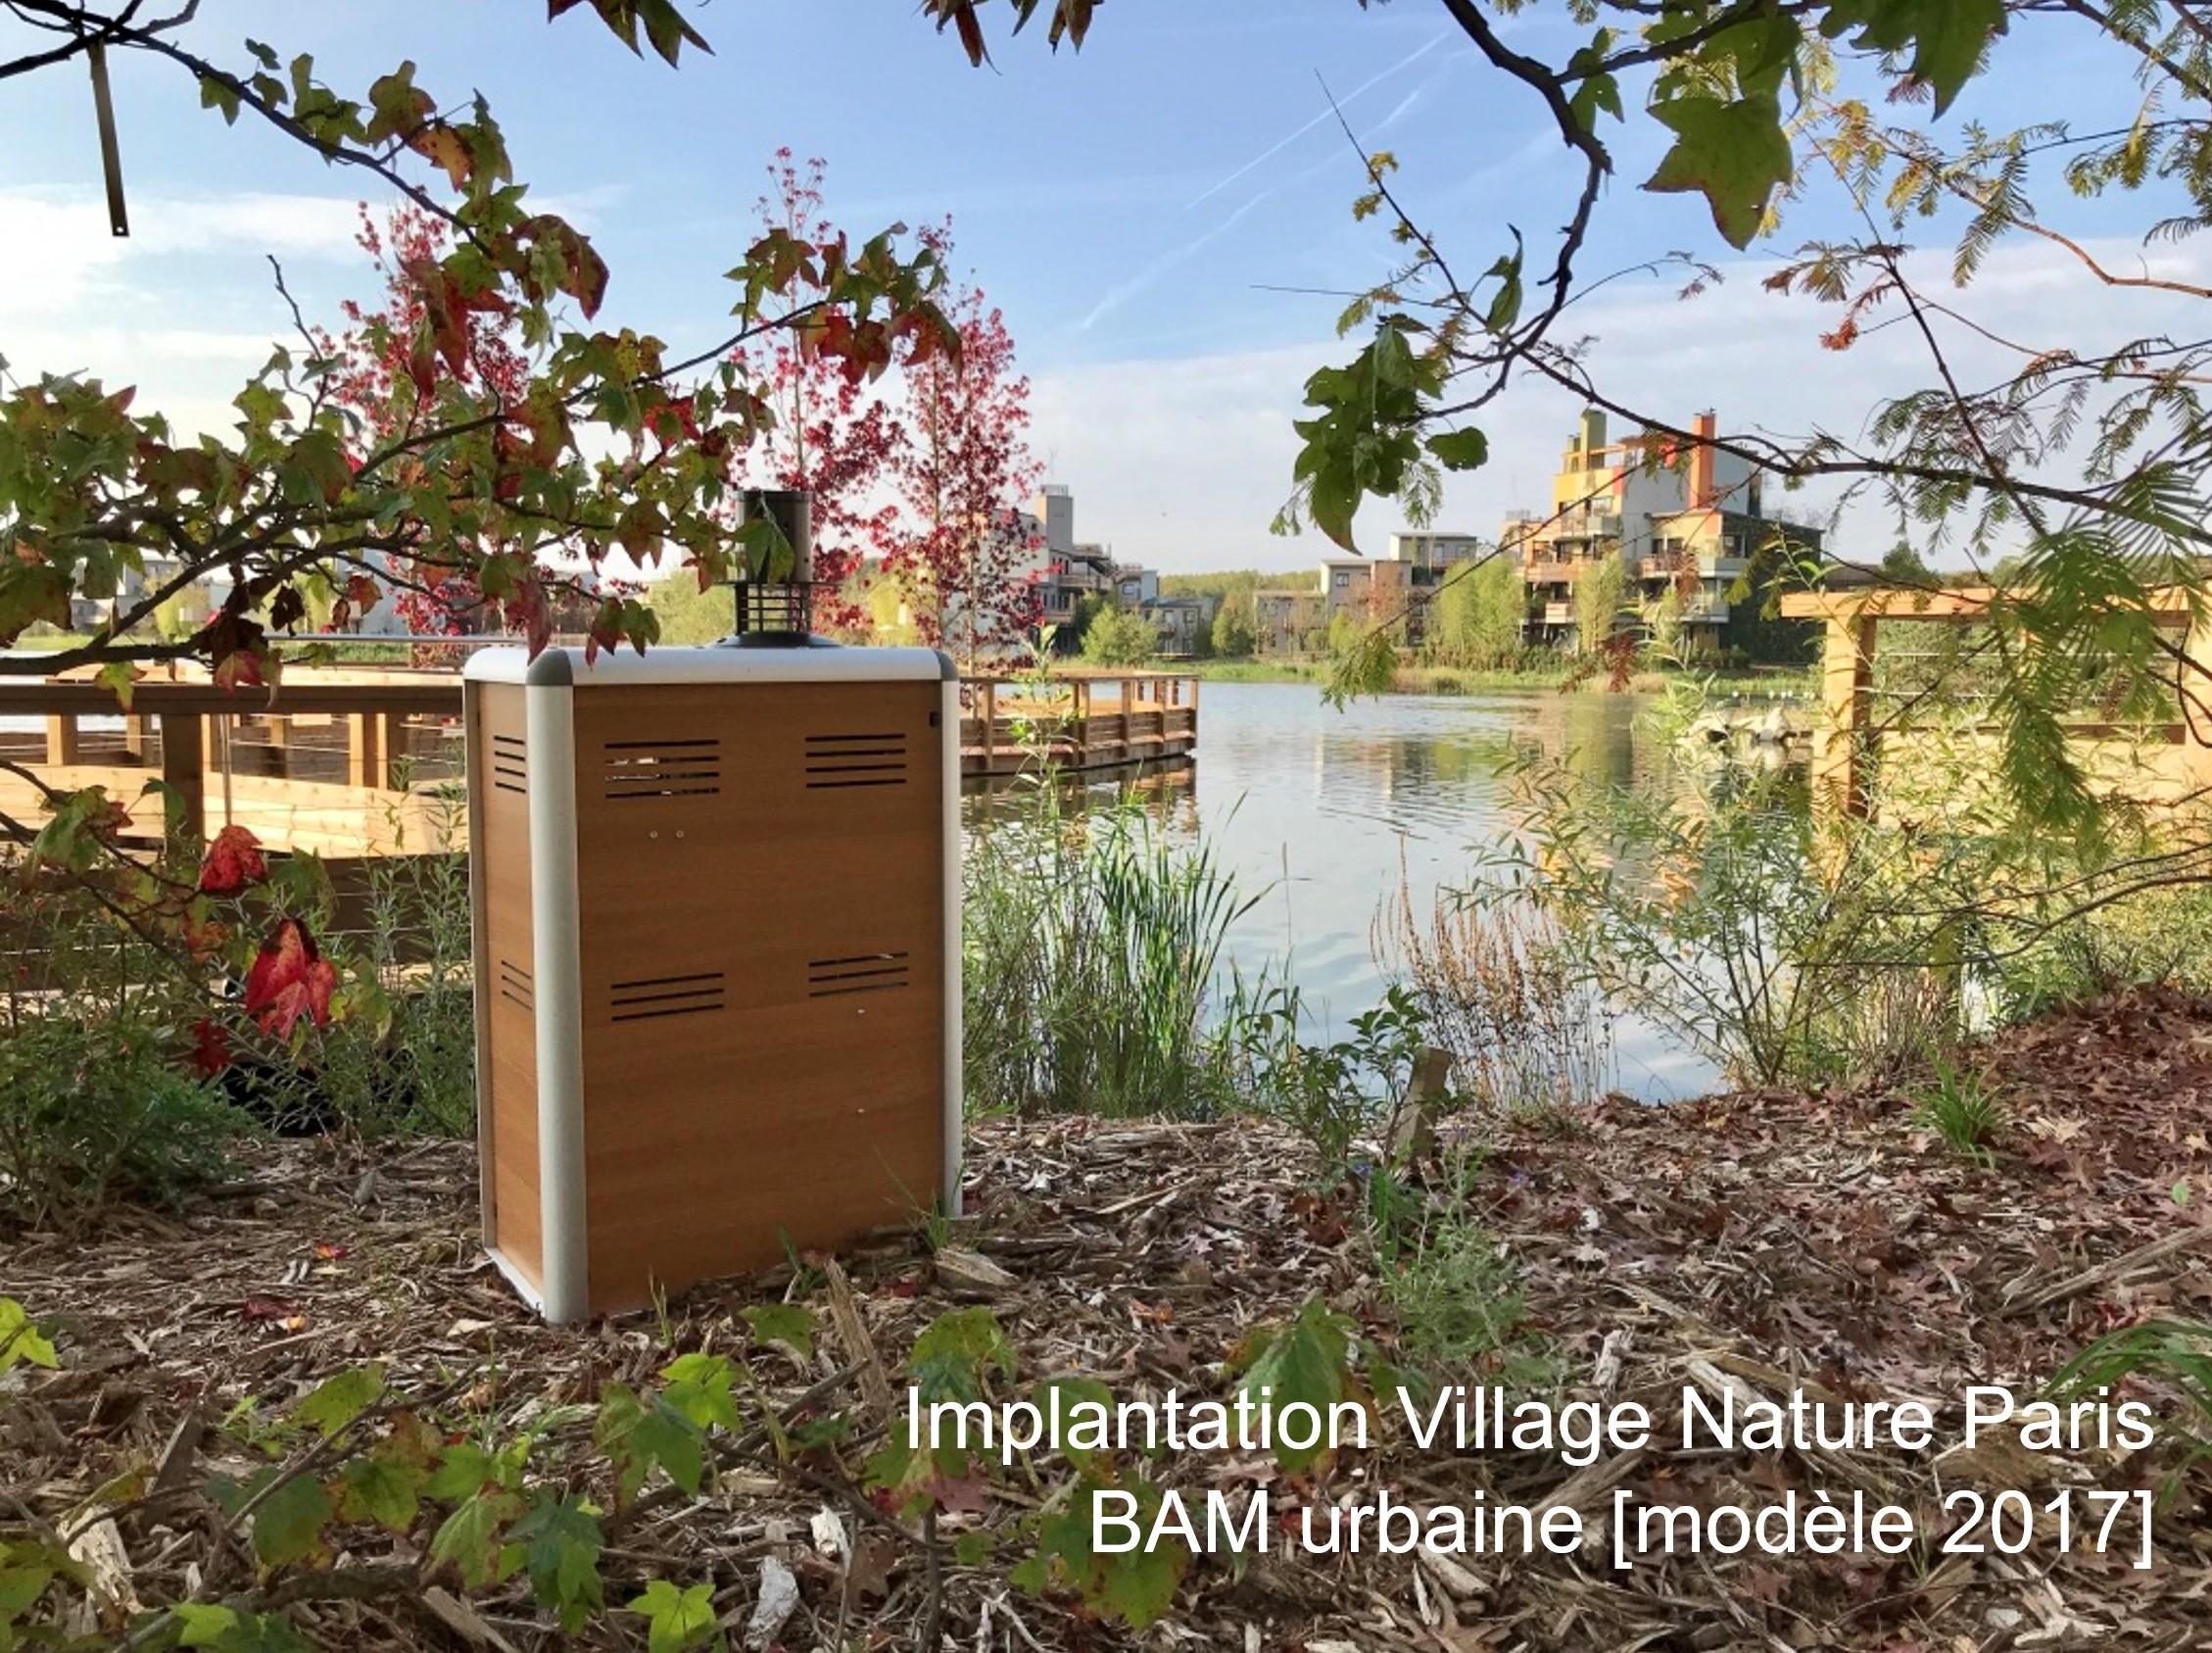 BAM urbaine Village Nature